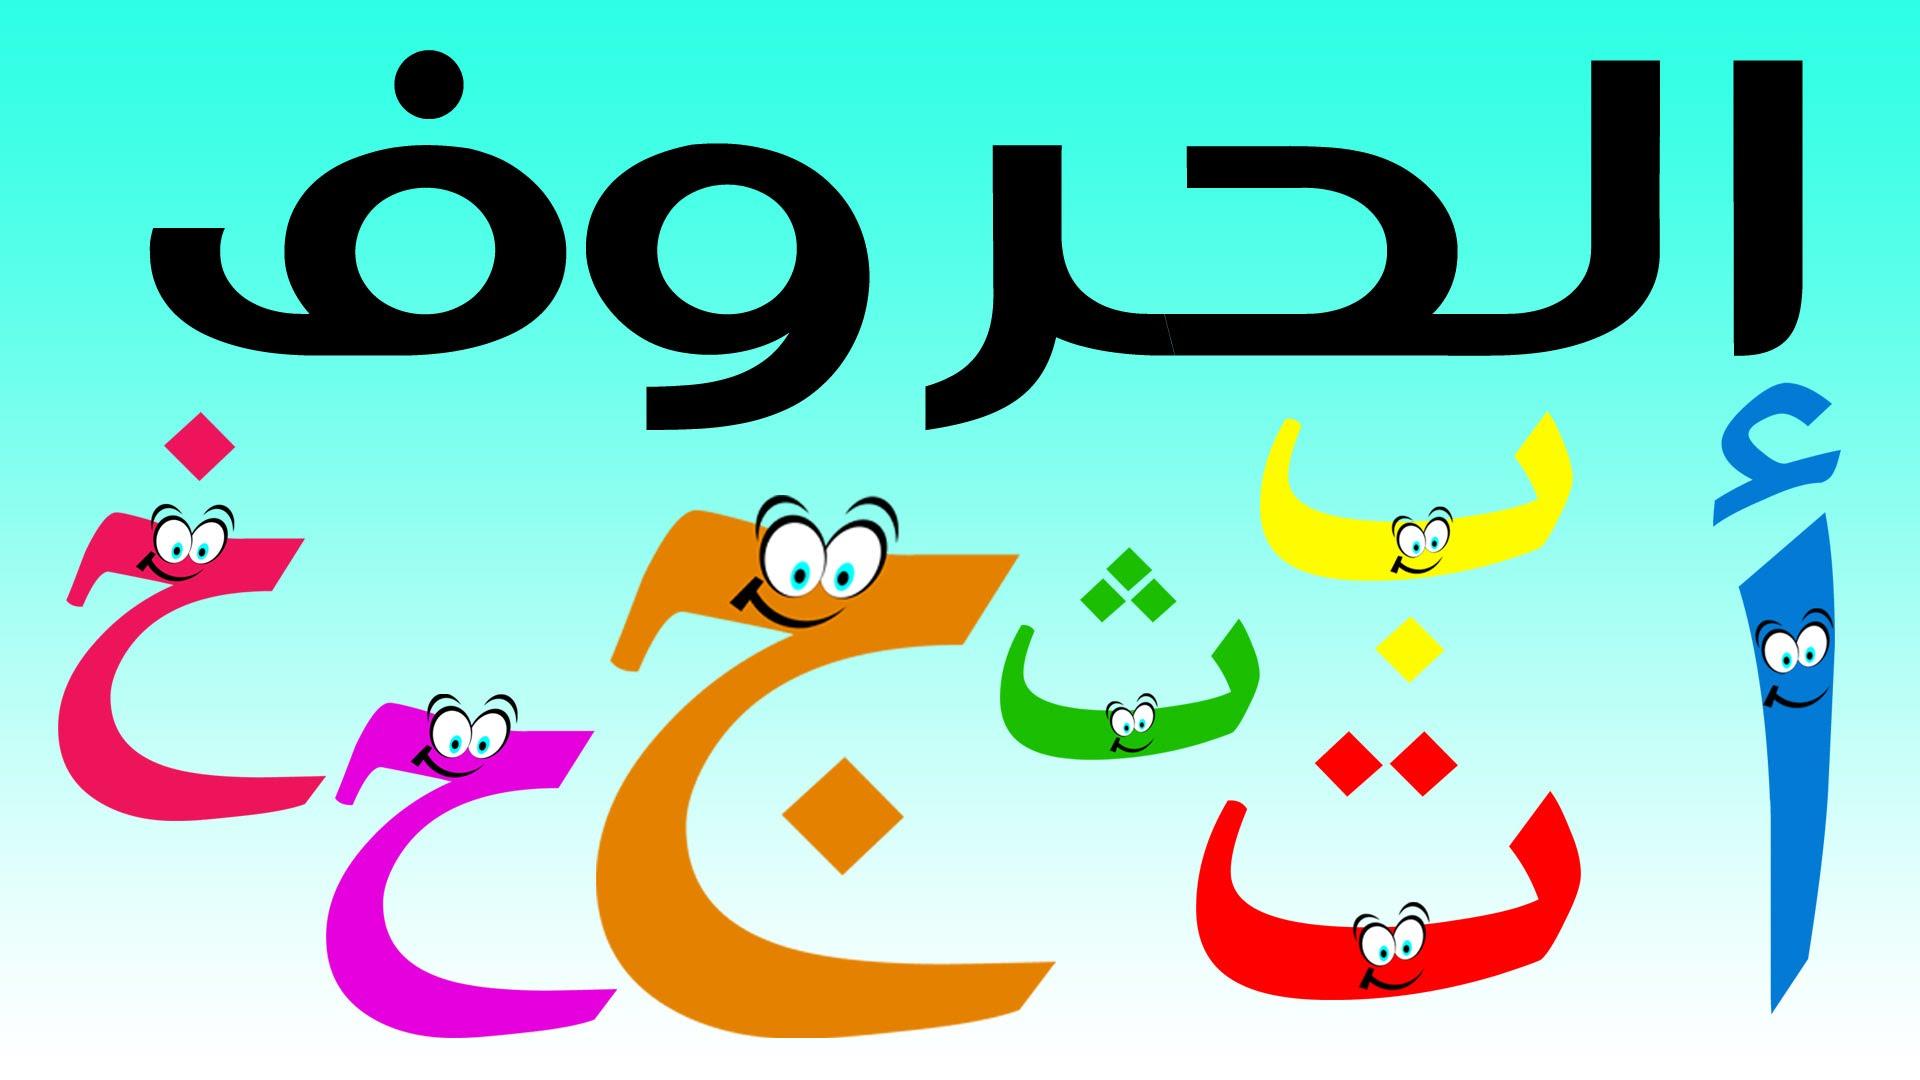 تحميل مذكرة اللغة العربية الصف الاول الابتدائي الترم الاول 2018